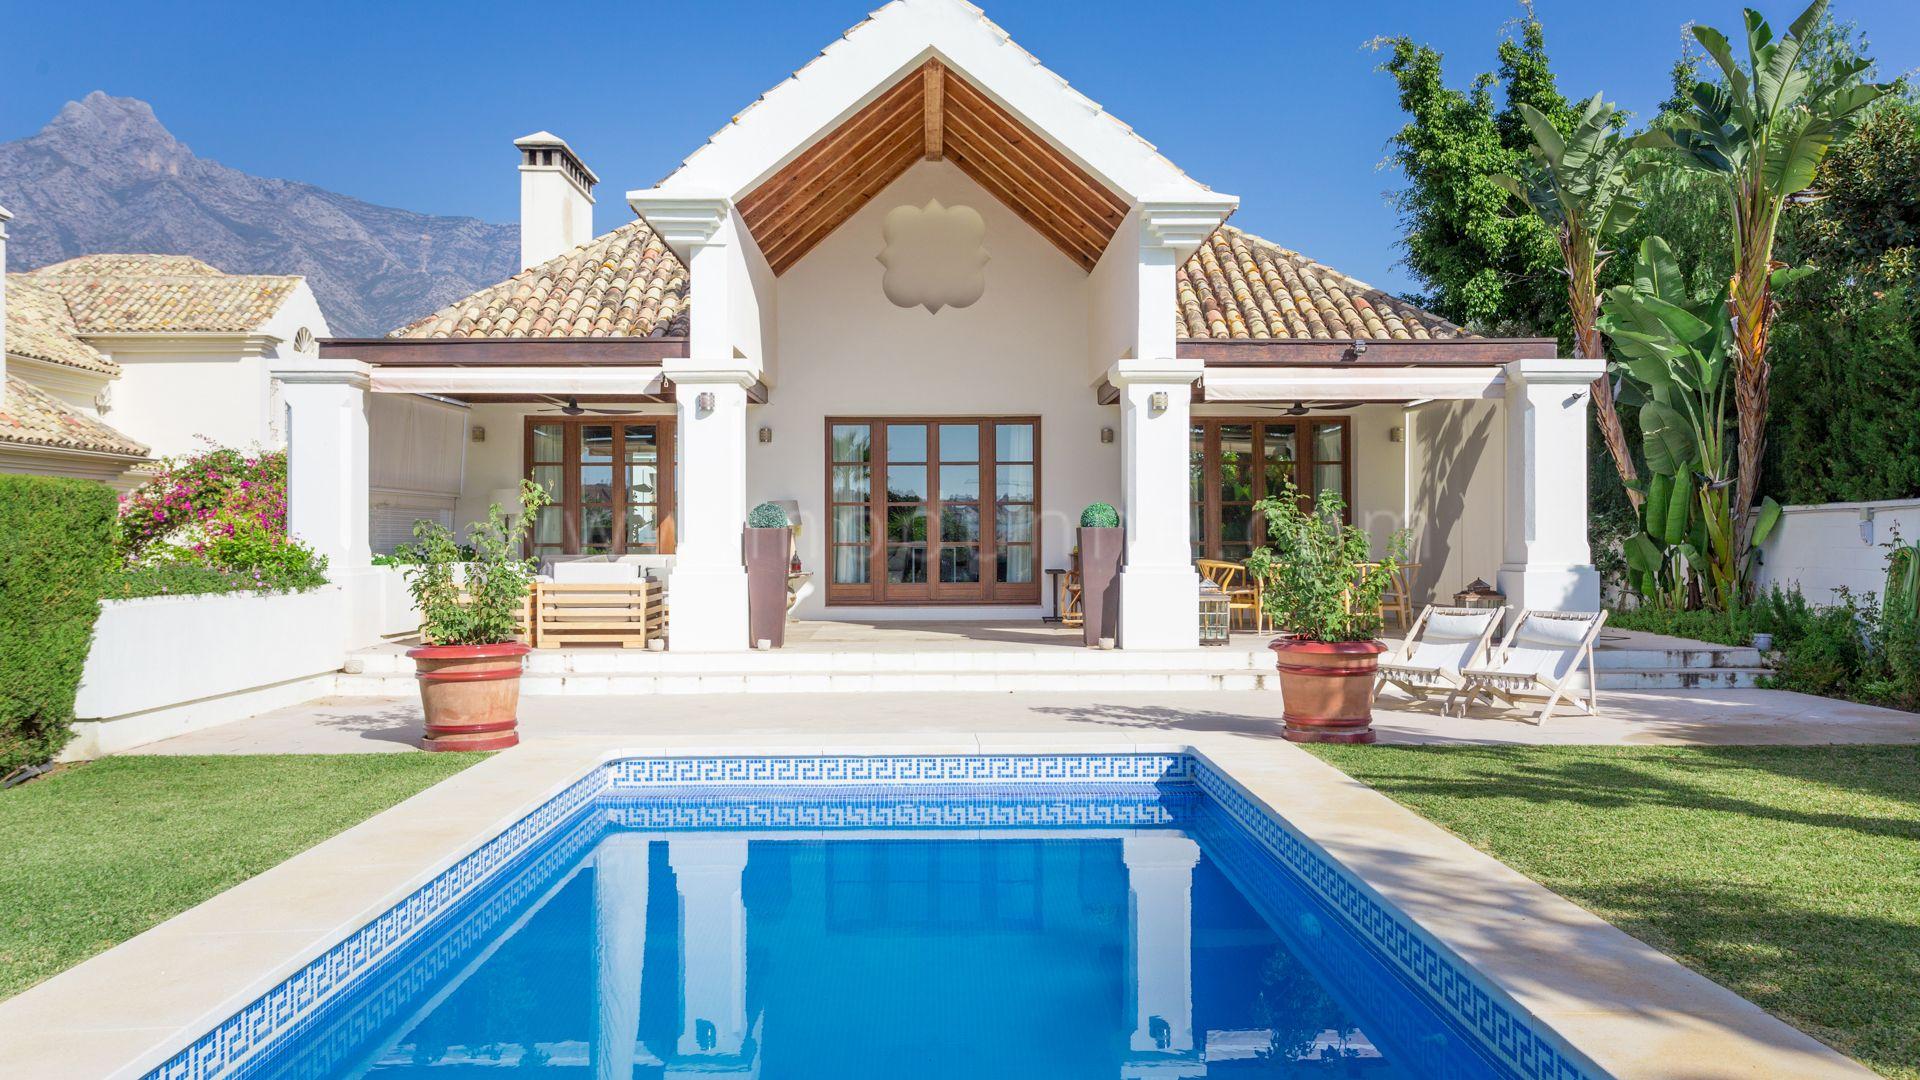 Marbella Milla De Oro Lujosa Villa Con 6 Dormitorios